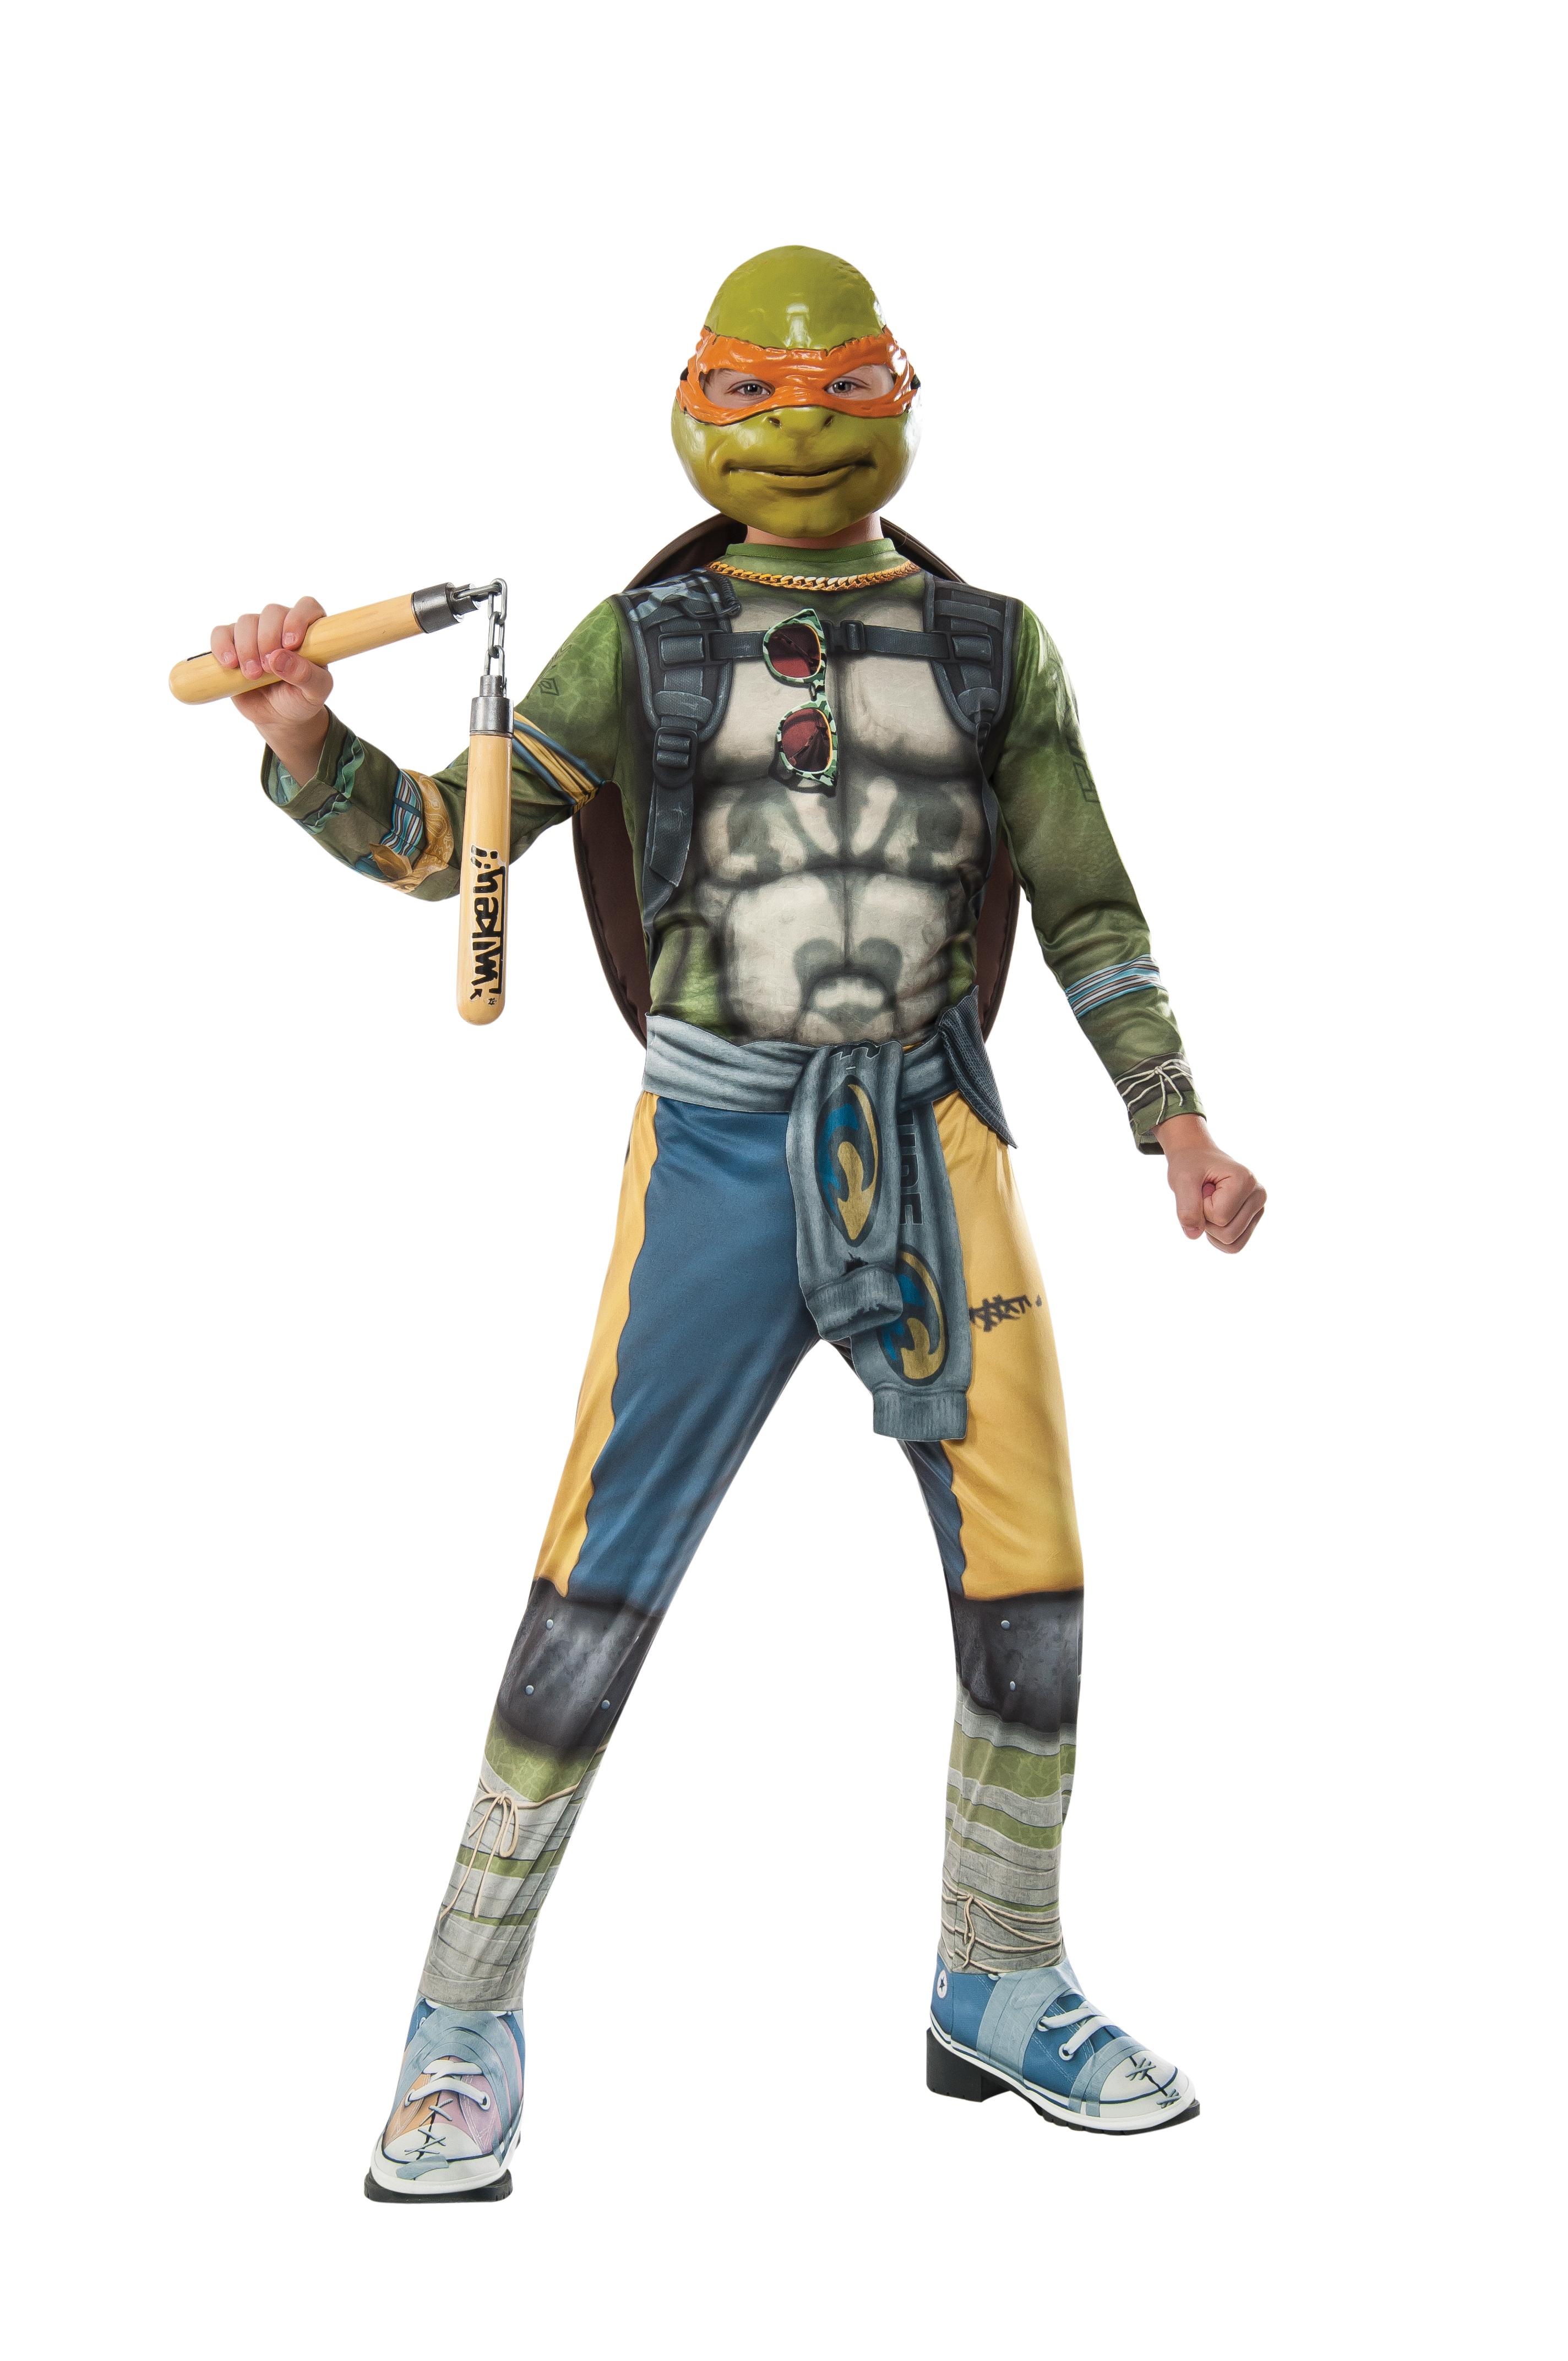 TMNT Movie Michelangelo Halloween Costume PartNumber: 009VA90589612P MfgPartNumber: 620798